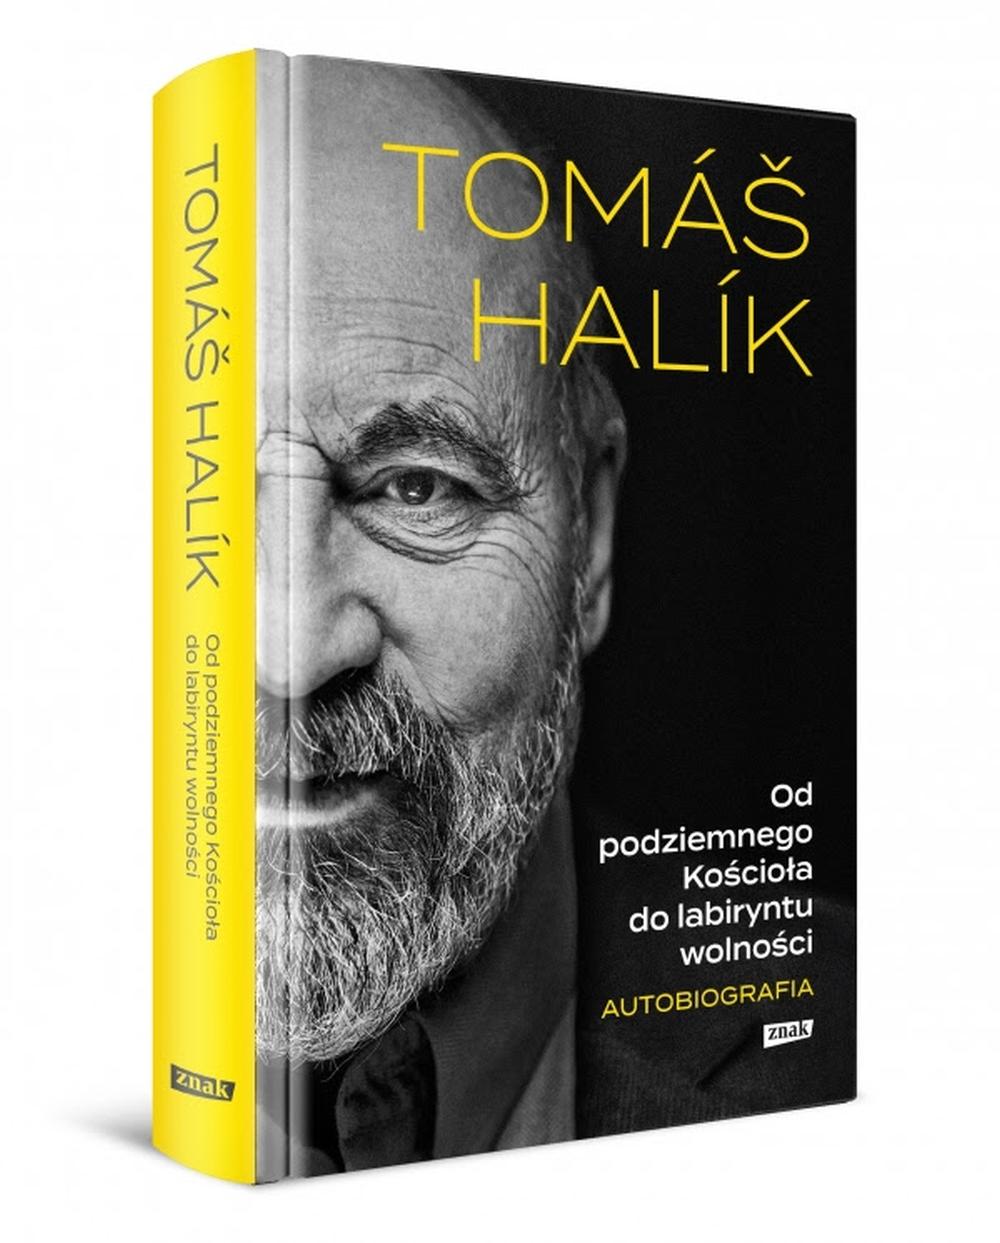 Tomas Halik od kościoła do labiryntu wolności